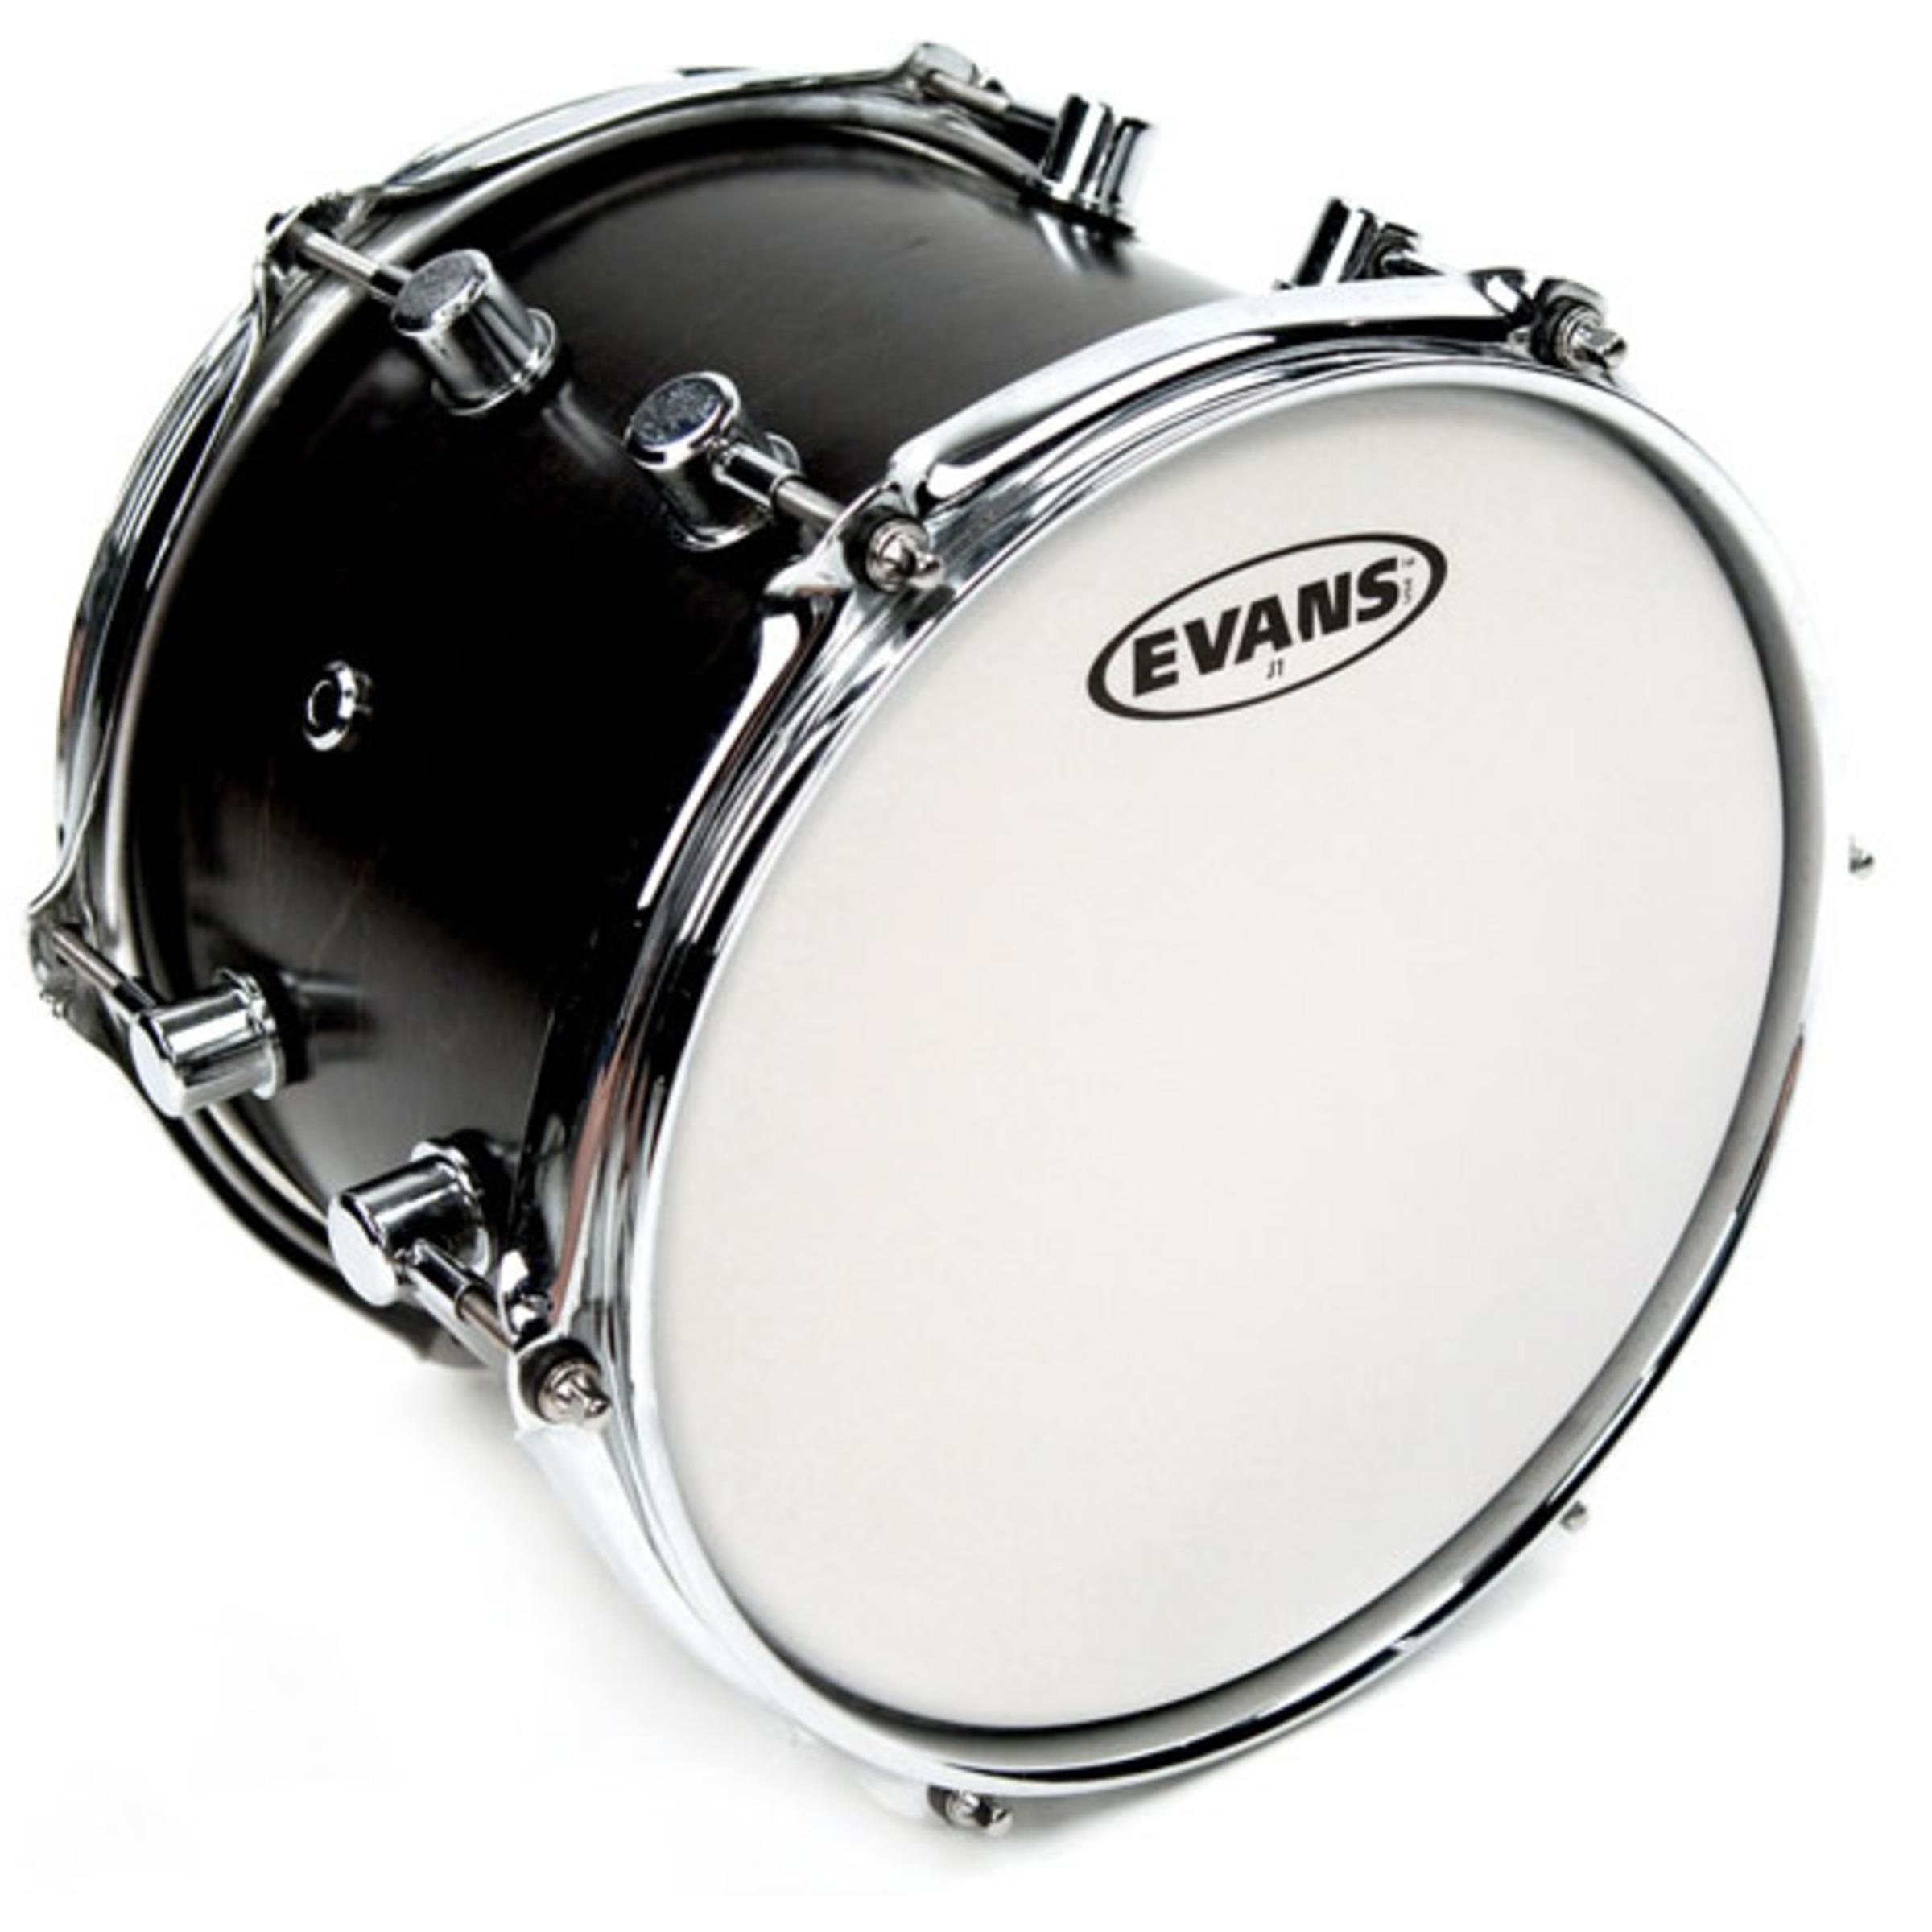 evans j1 etched drum head giggear. Black Bedroom Furniture Sets. Home Design Ideas